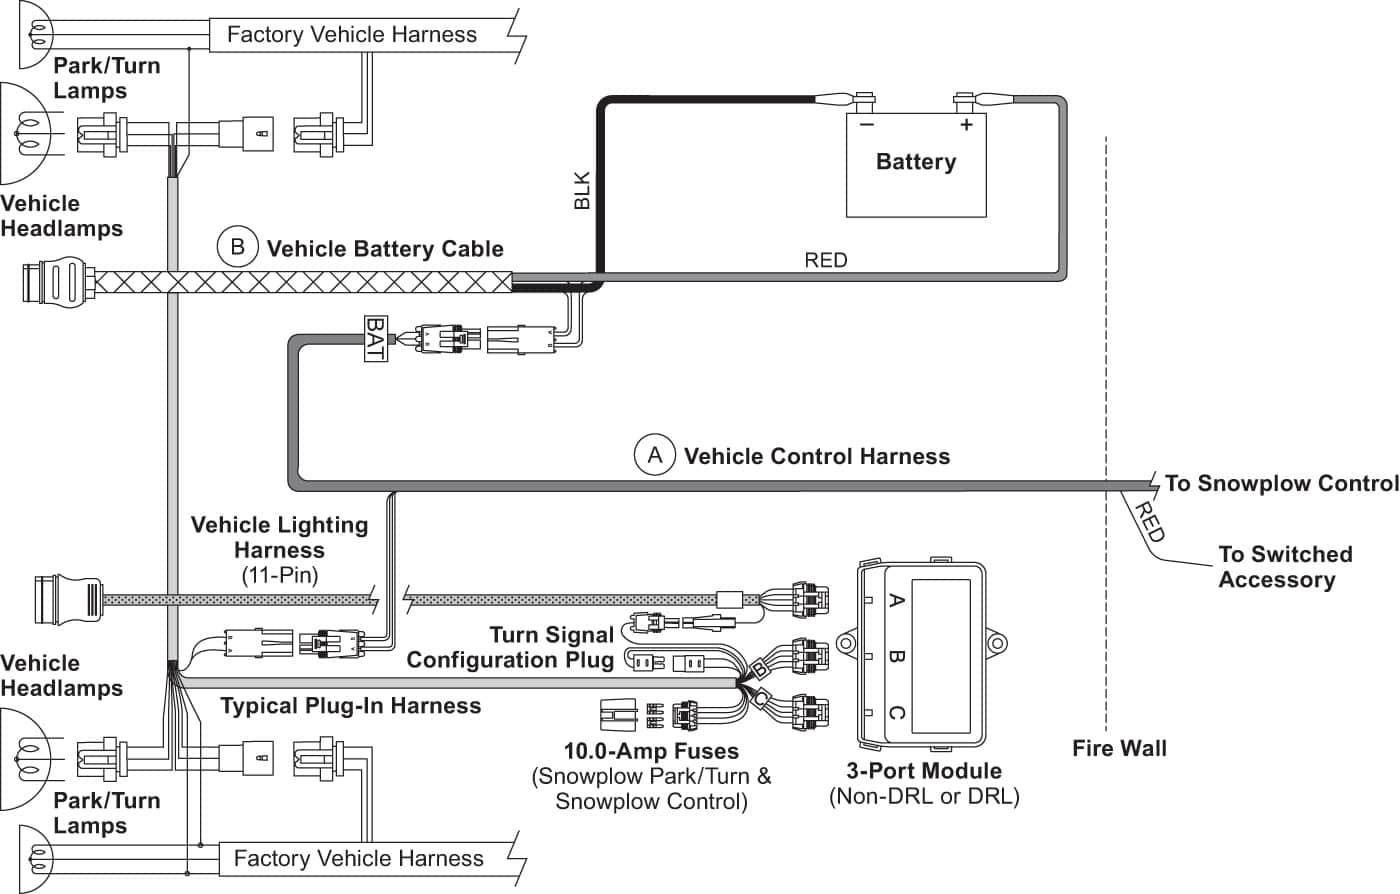 Western Plow Solenoid Wiring Diagram Wiring Diagram